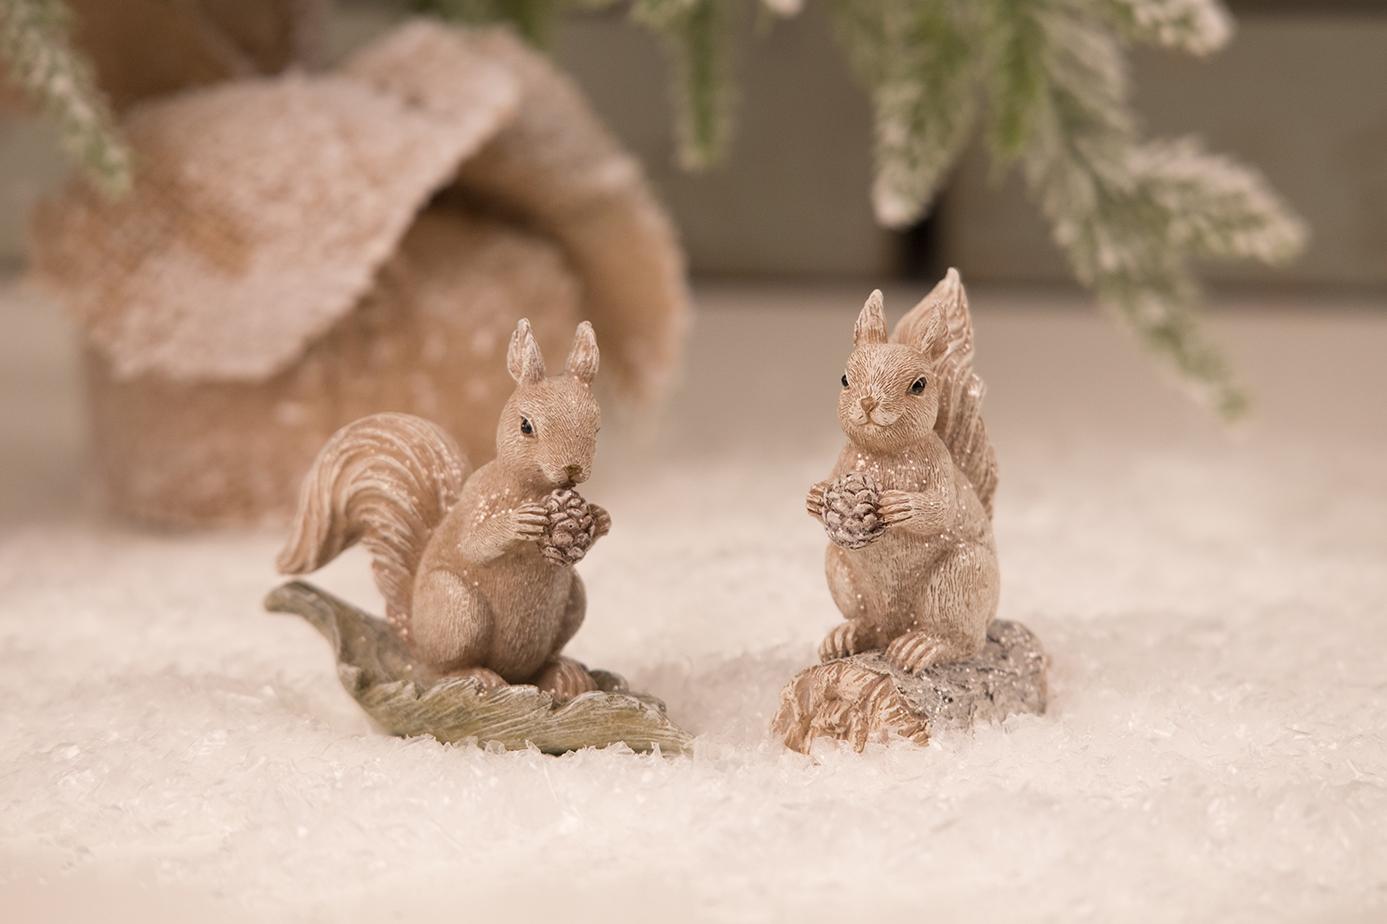 Dekofigur, Eichhörnchen, Blatt, Baumstamm, Weihnachten, Advent ...